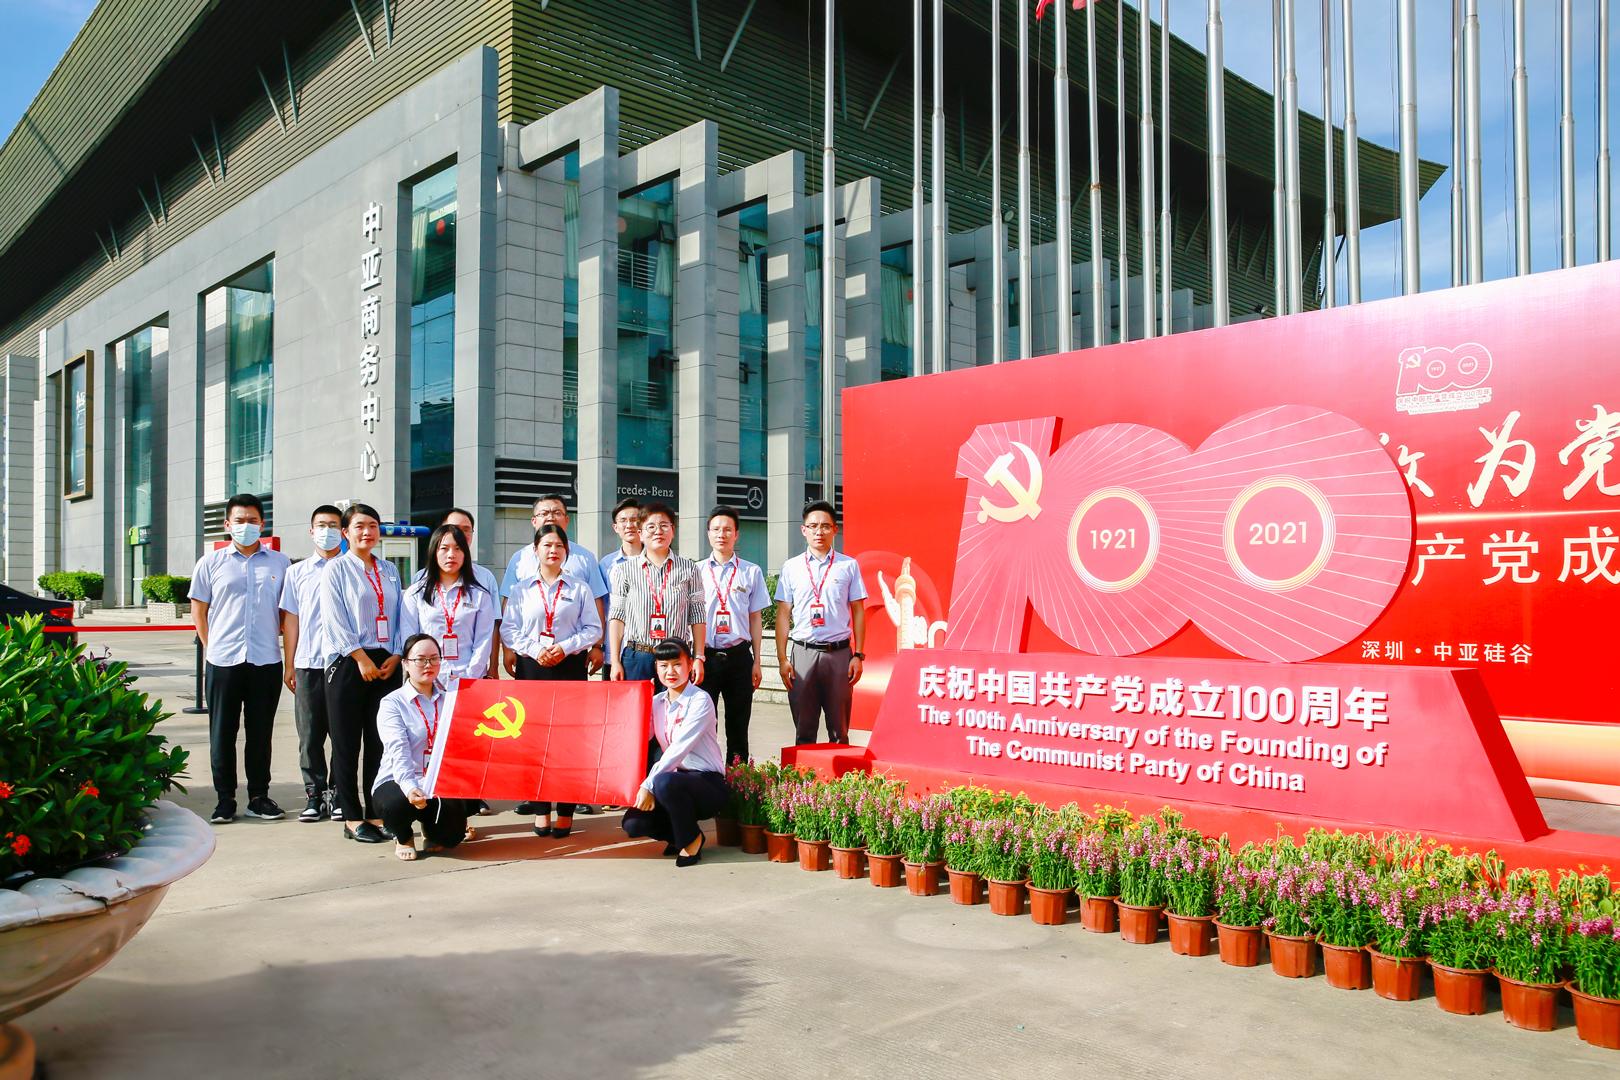 百年大党正风华——中亚集团热烈庆祝中国共产党成立100周年(图3)